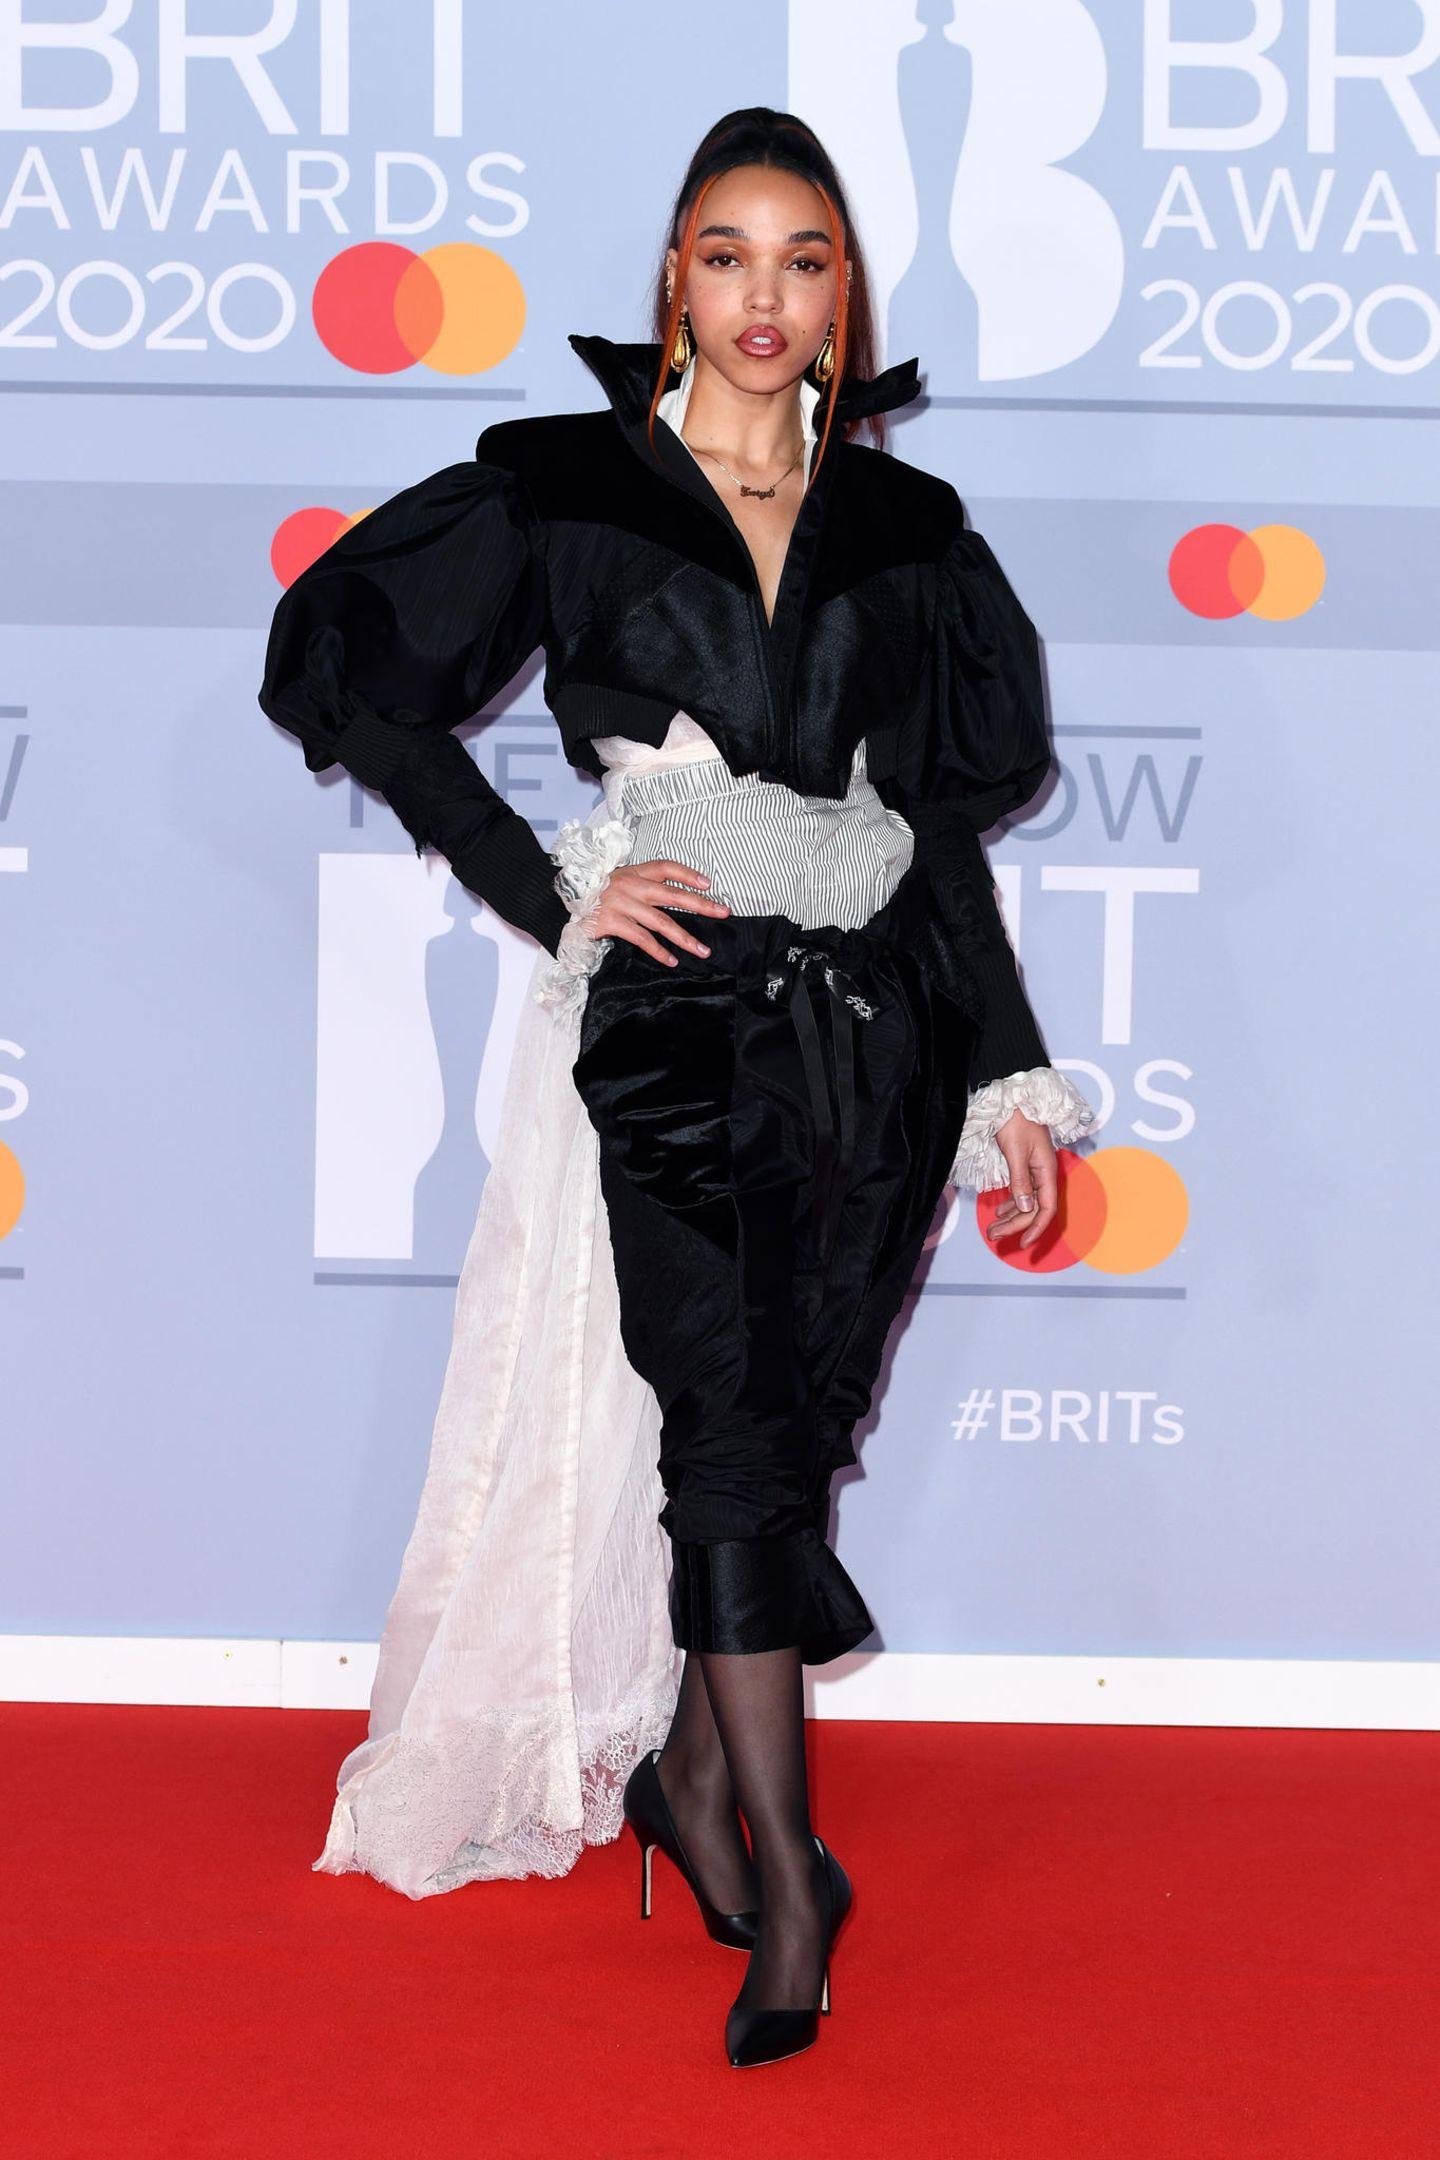 FKA Twigs, ohnehin berühmt für ihren ungewöhnlichen Kleidungsstil, hat sich für ein chaotisches Outfit des Designers Ed Marler entschieden.